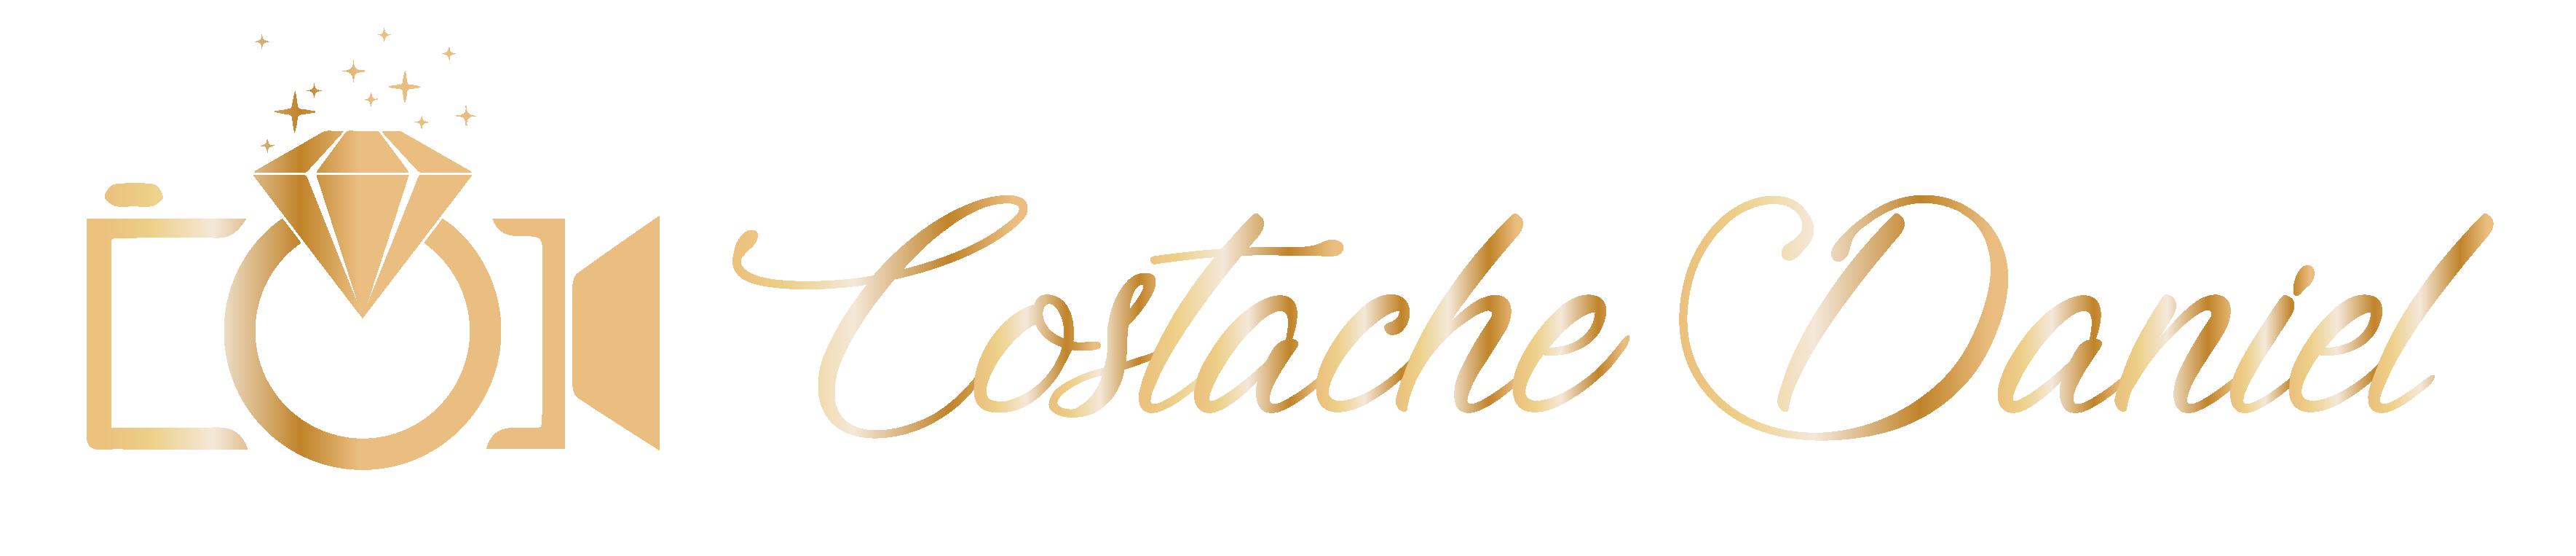 costache-02